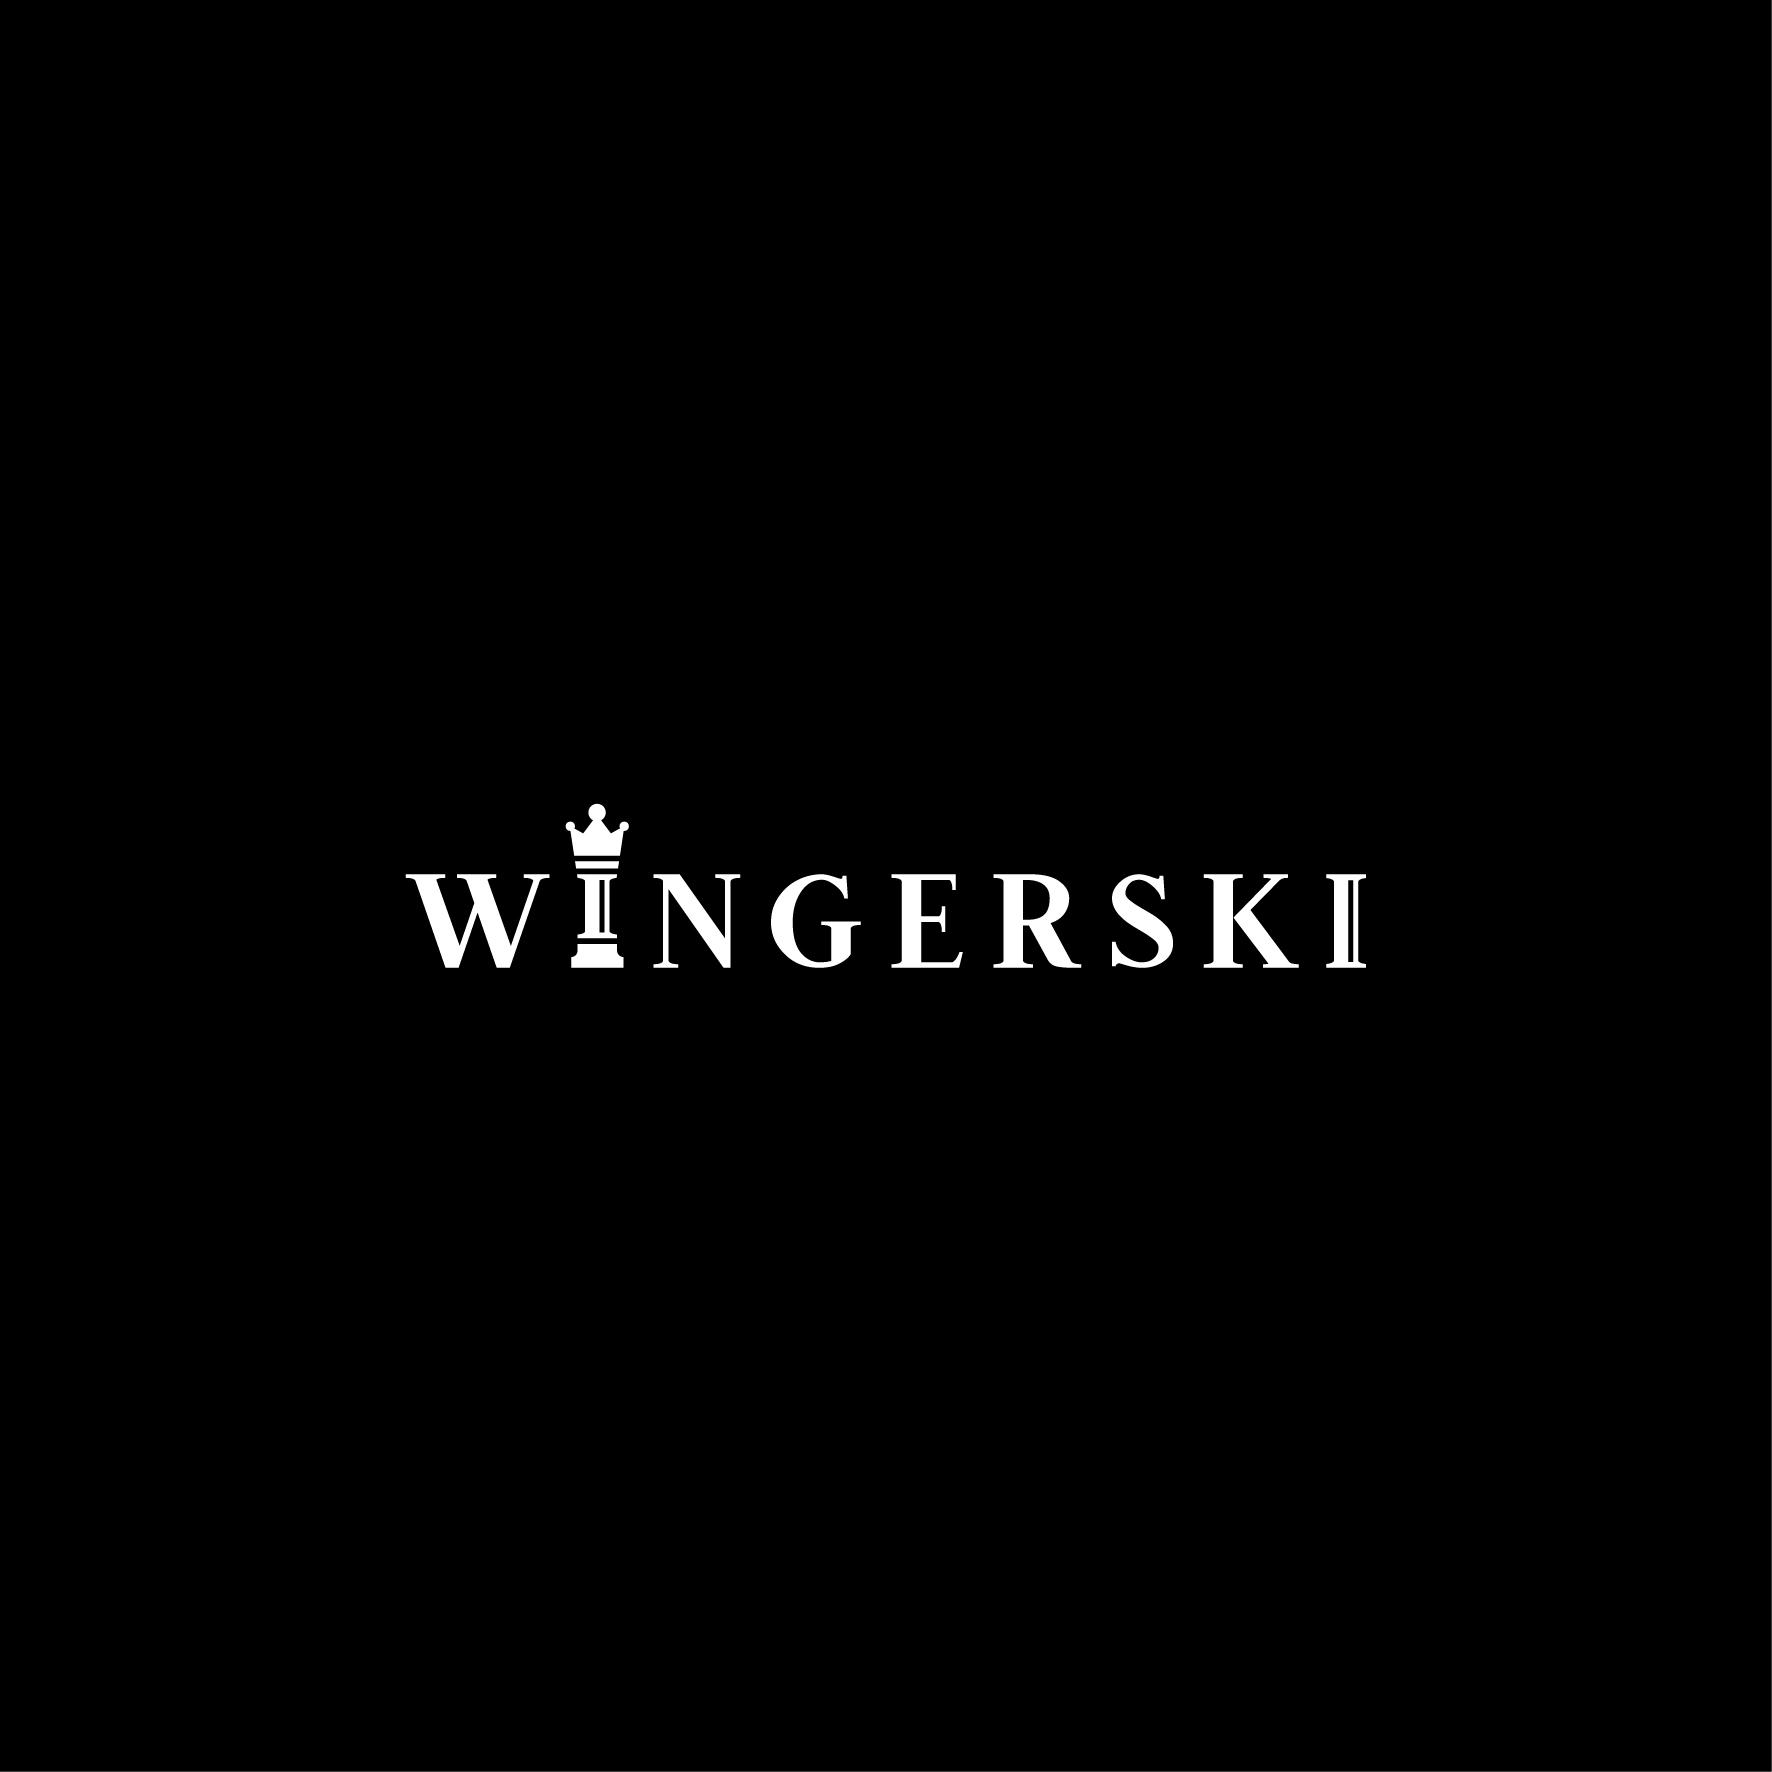 """Владимир Мехов: Логотип для ювелирного бутика """"W I N G E R S K I"""""""